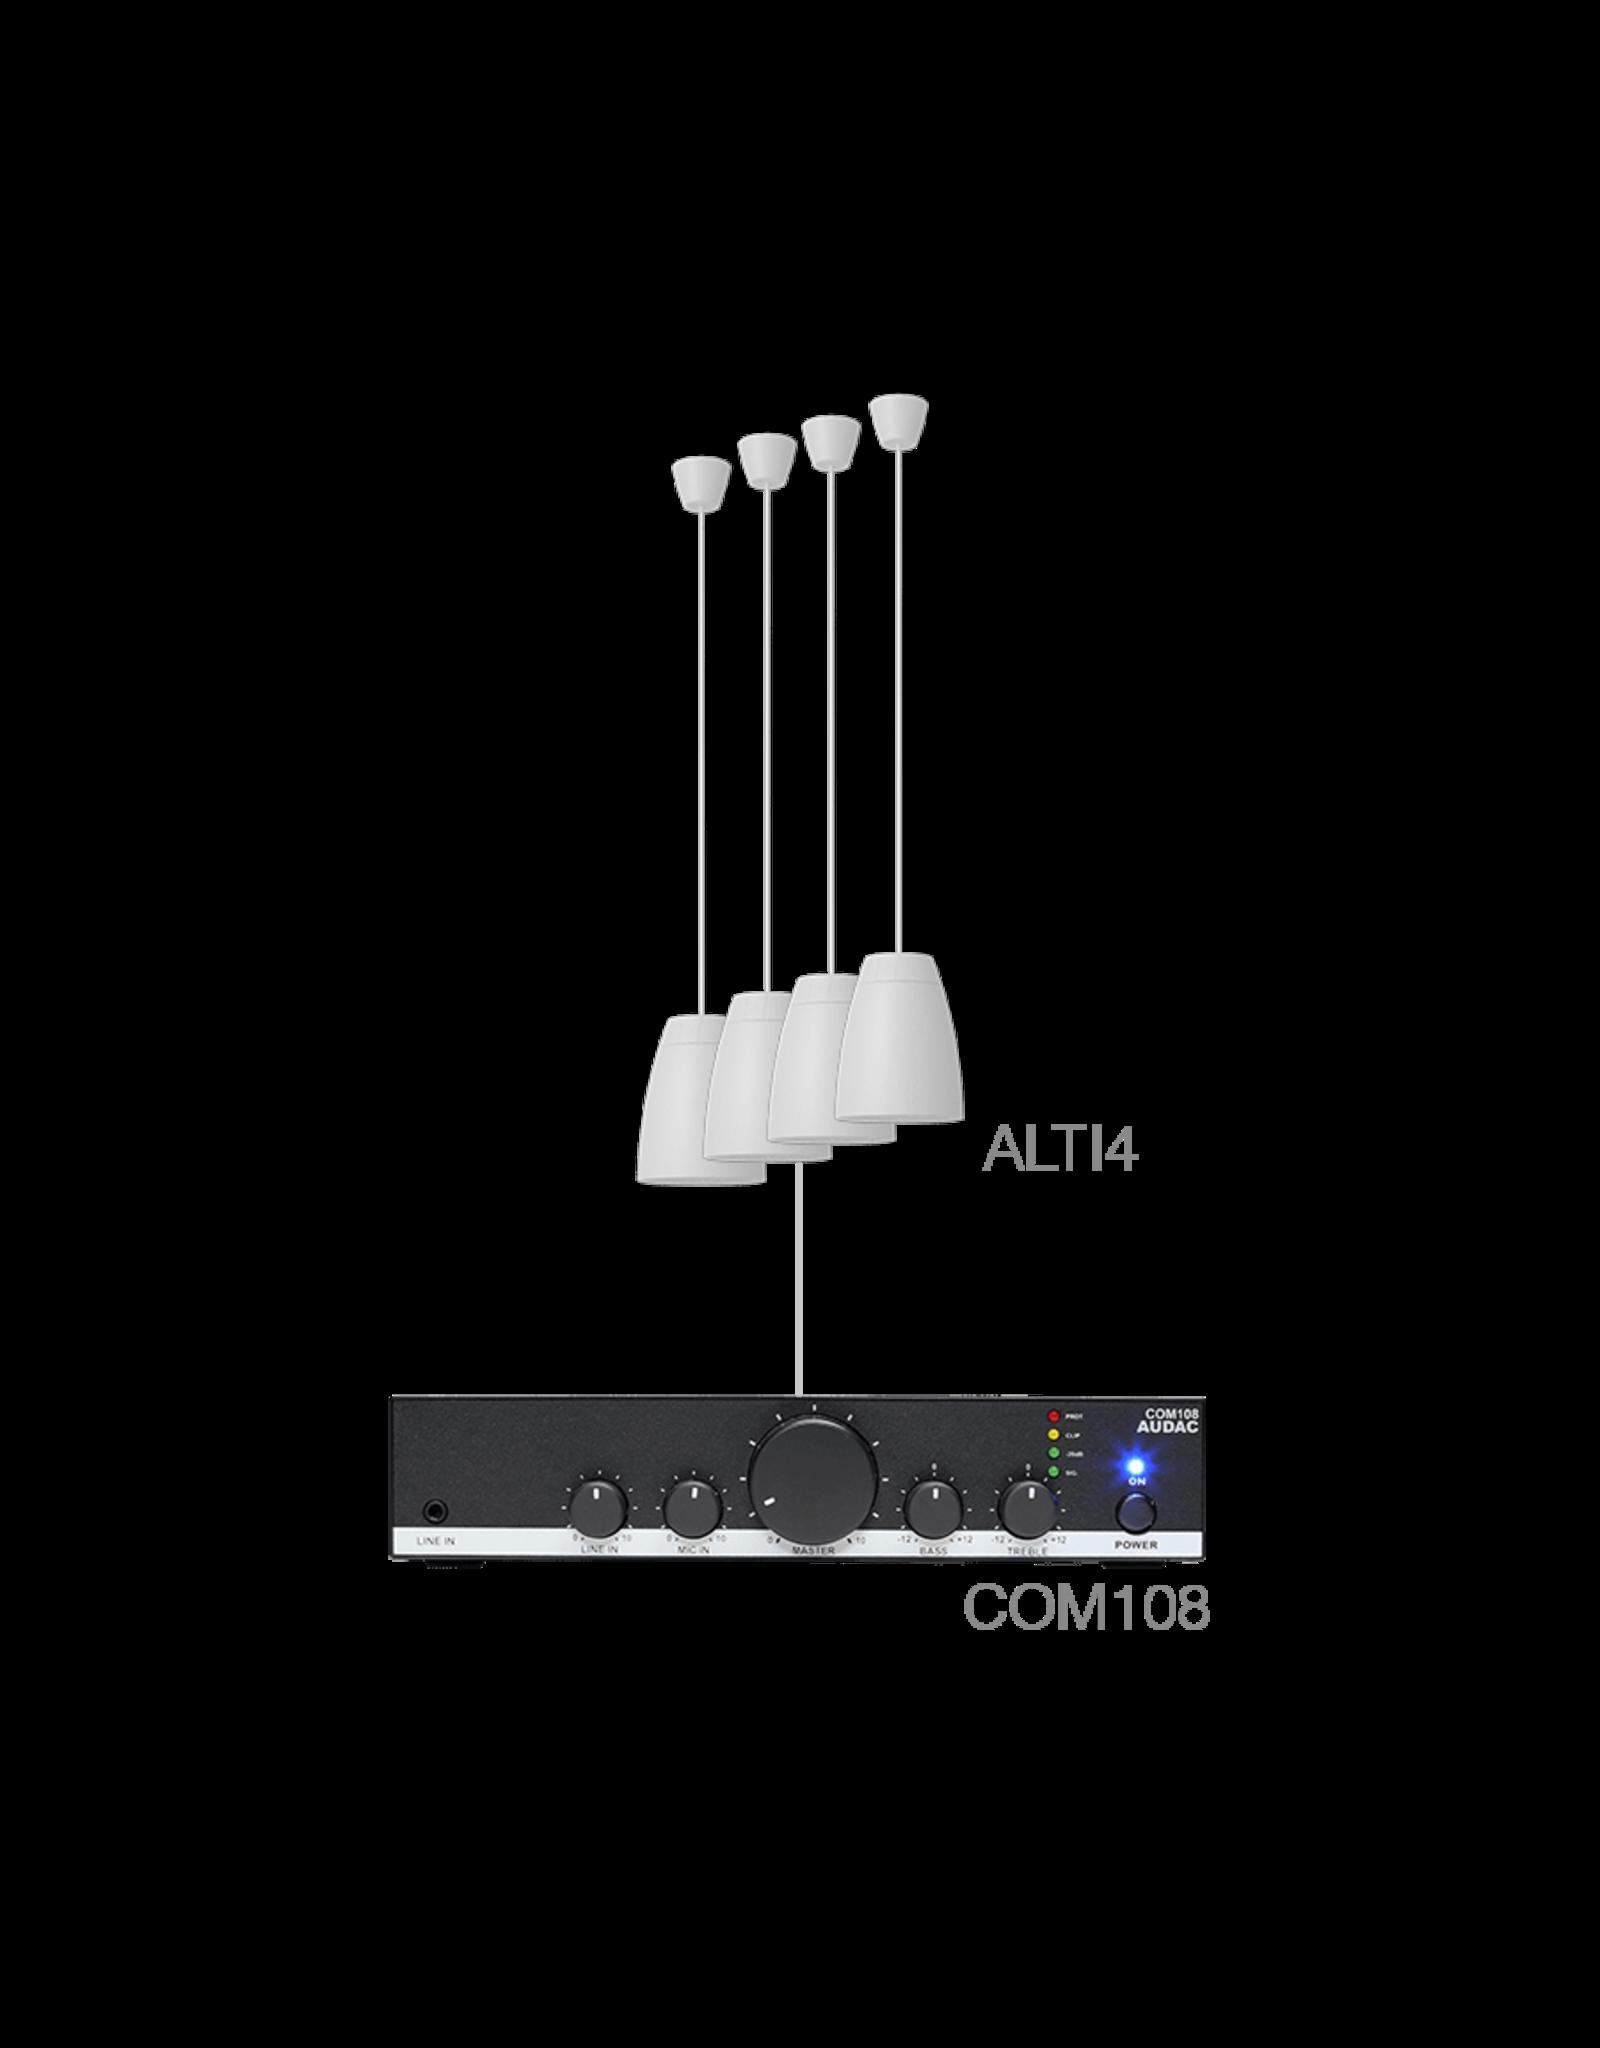 Audac 4 x ALTI4/W + COM108 White